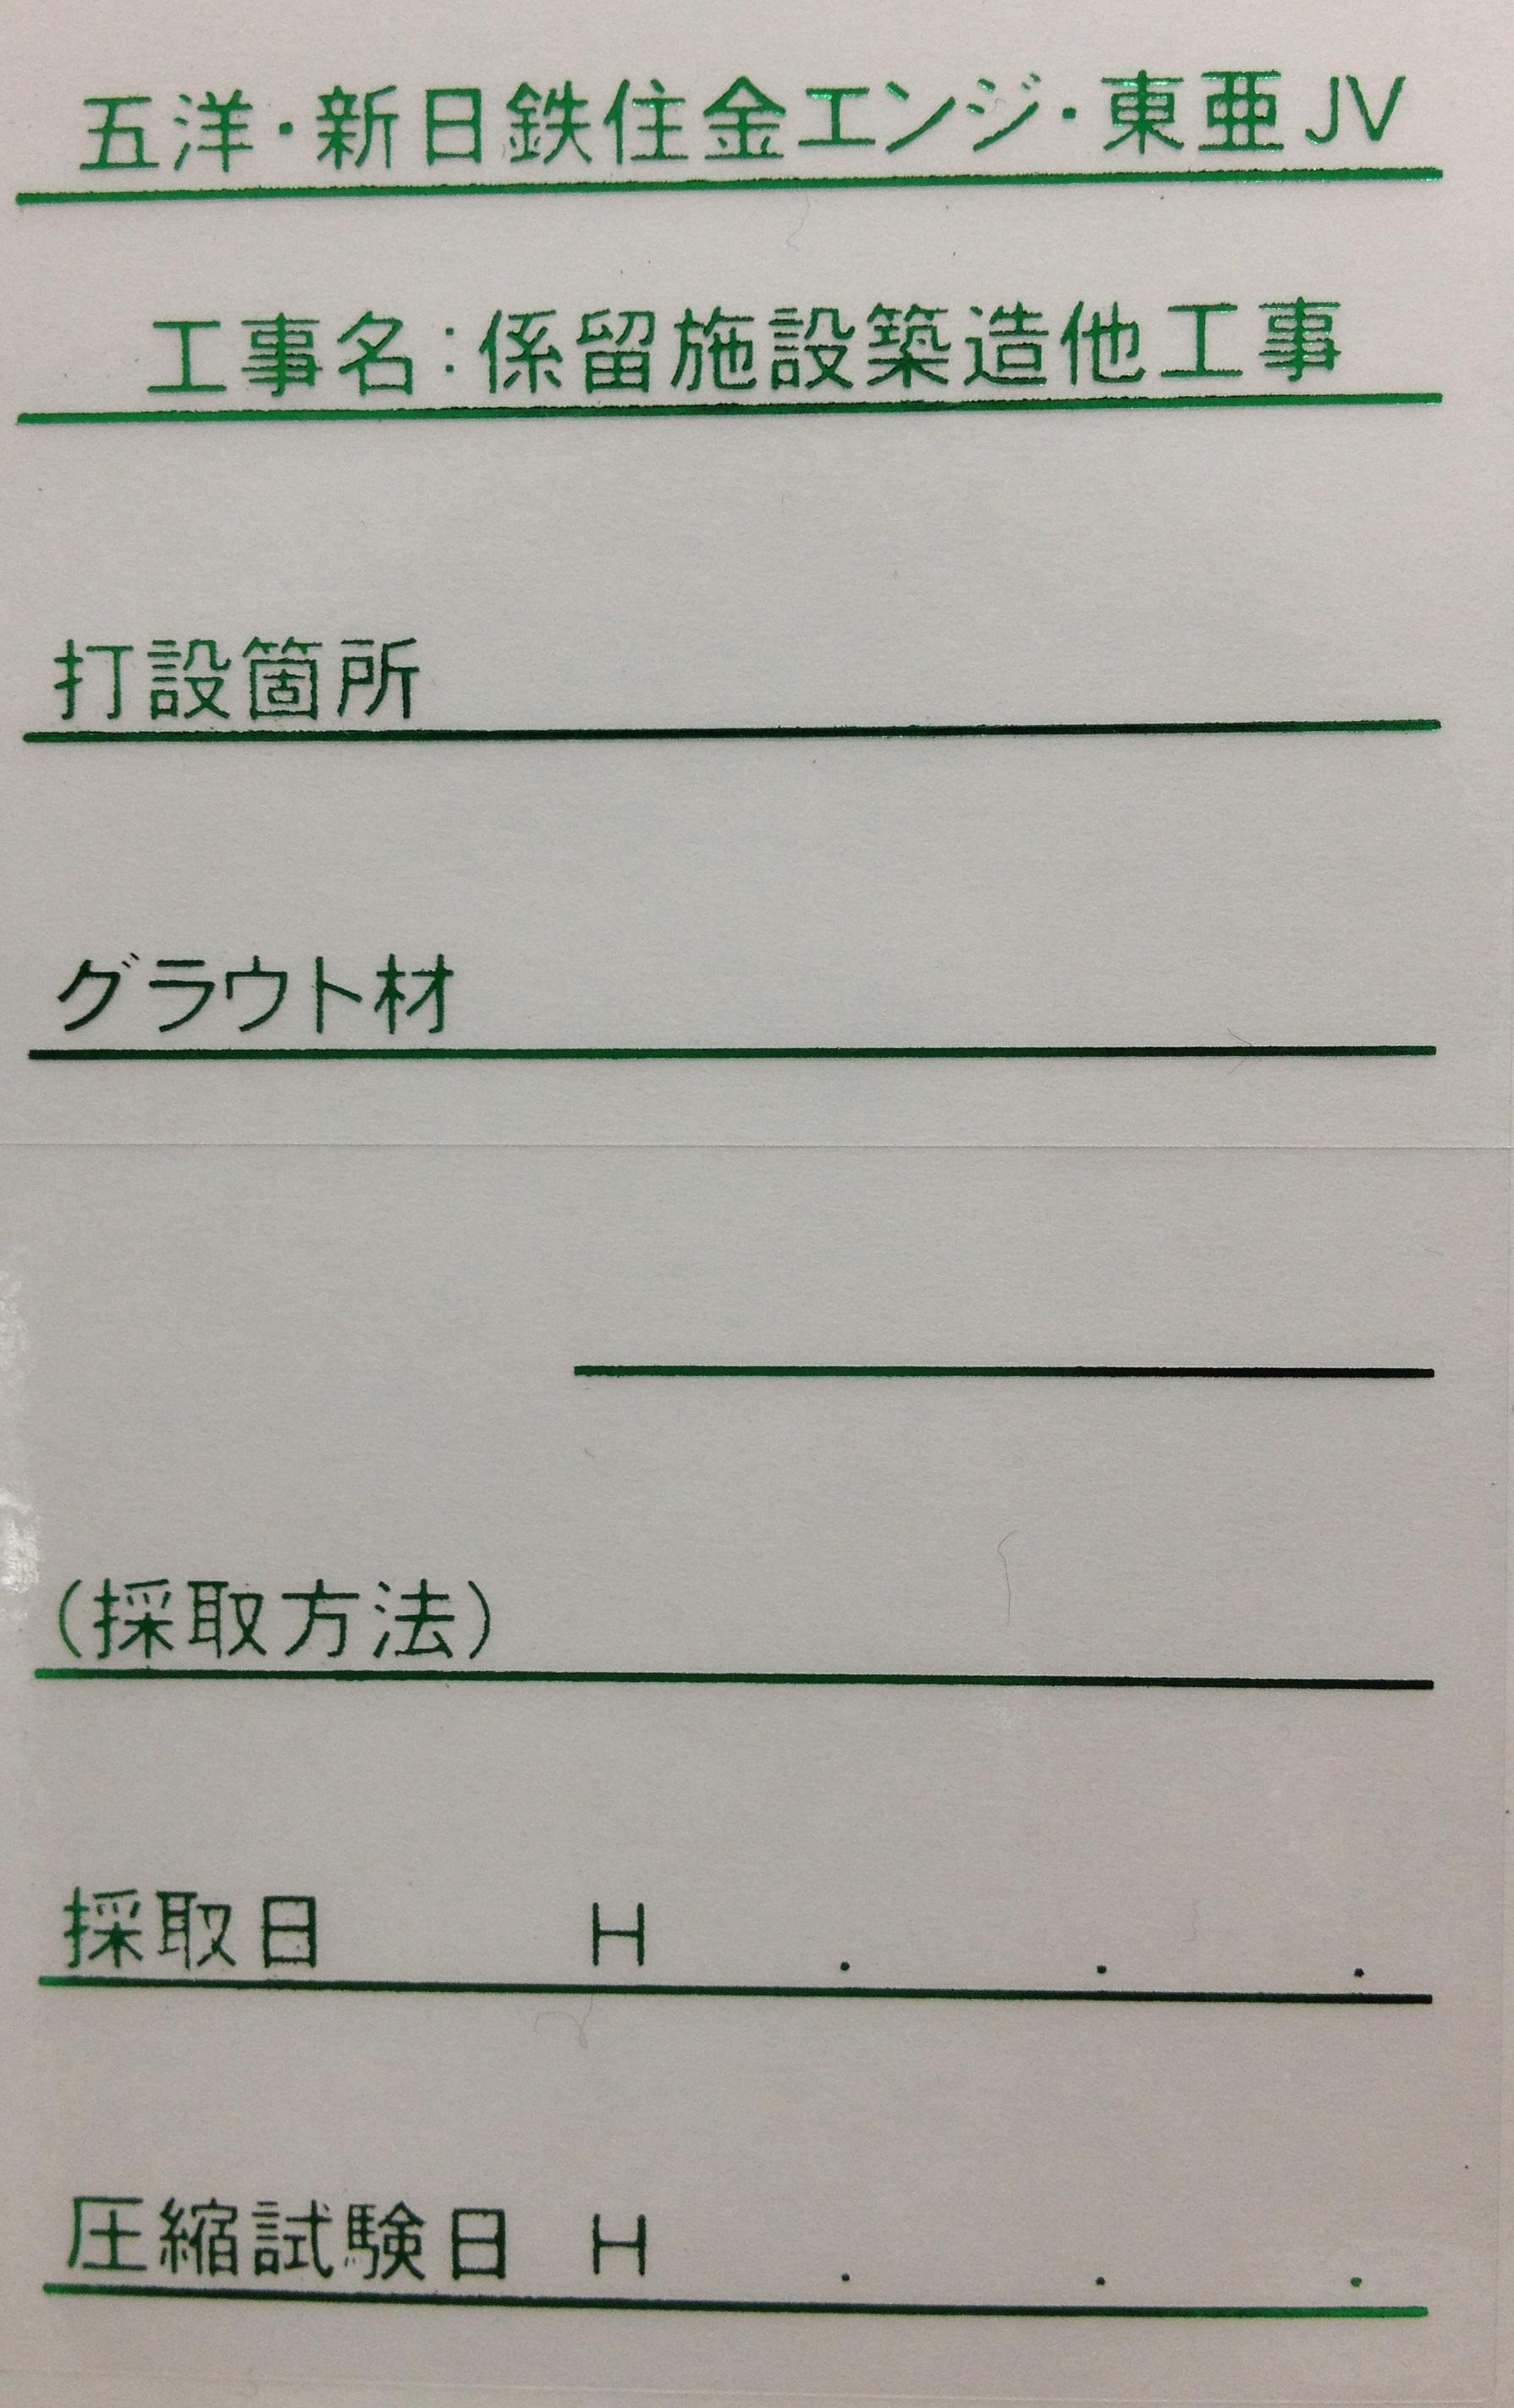 五洋・新日鉄住金エンジ・東亜JVのQC版